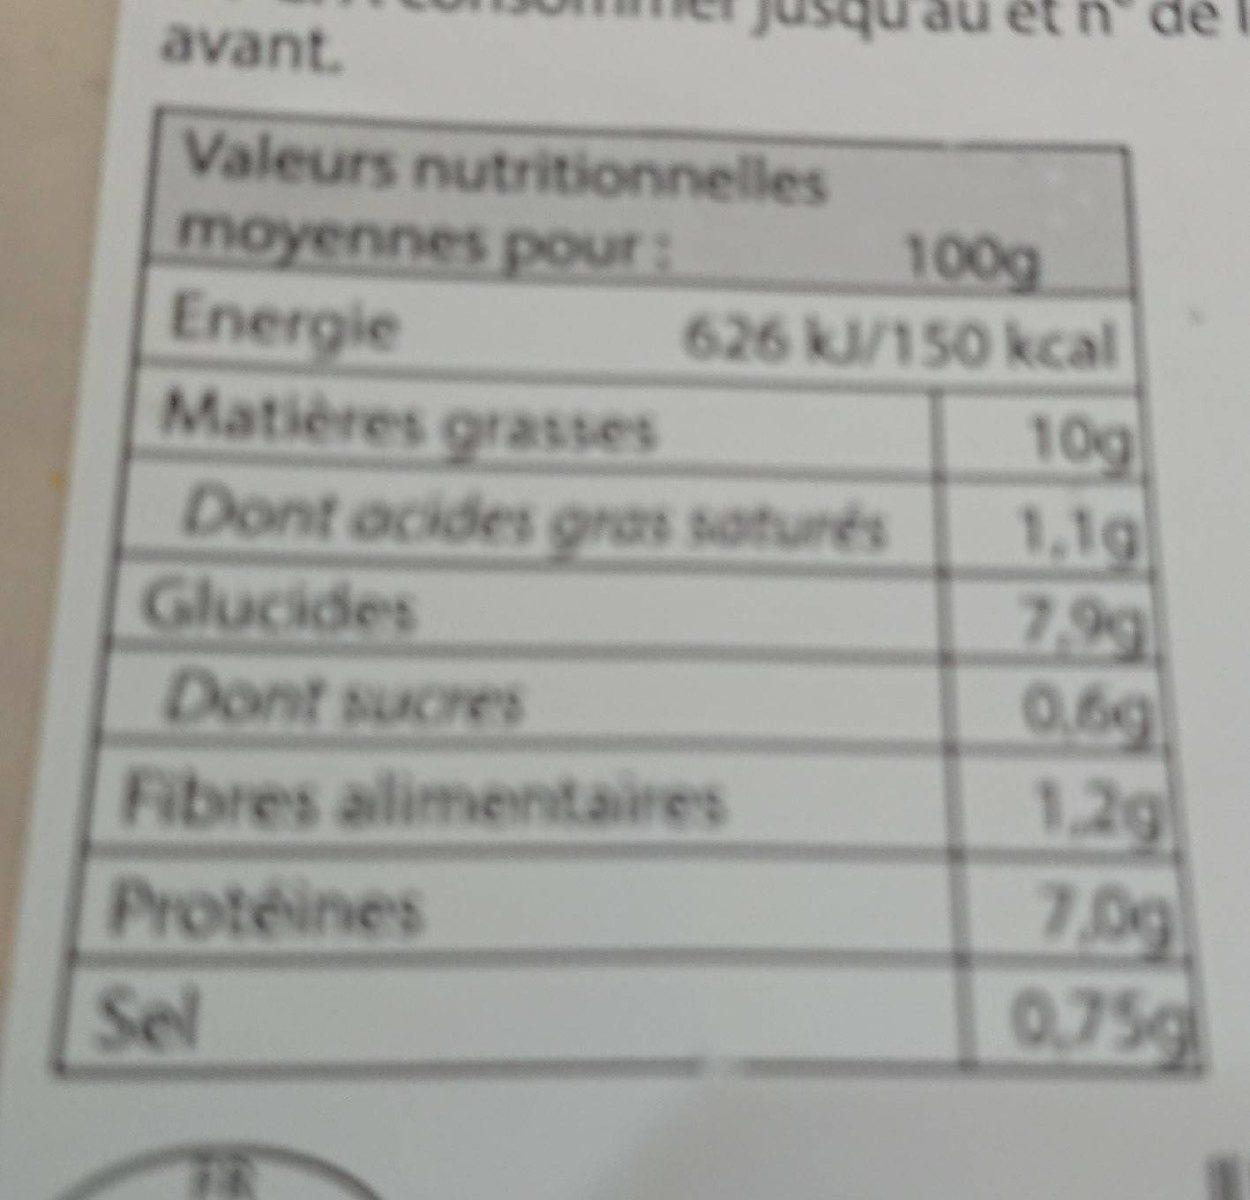 Piémontaise traditionnelle au jambon supérieur - Informations nutritionnelles - fr